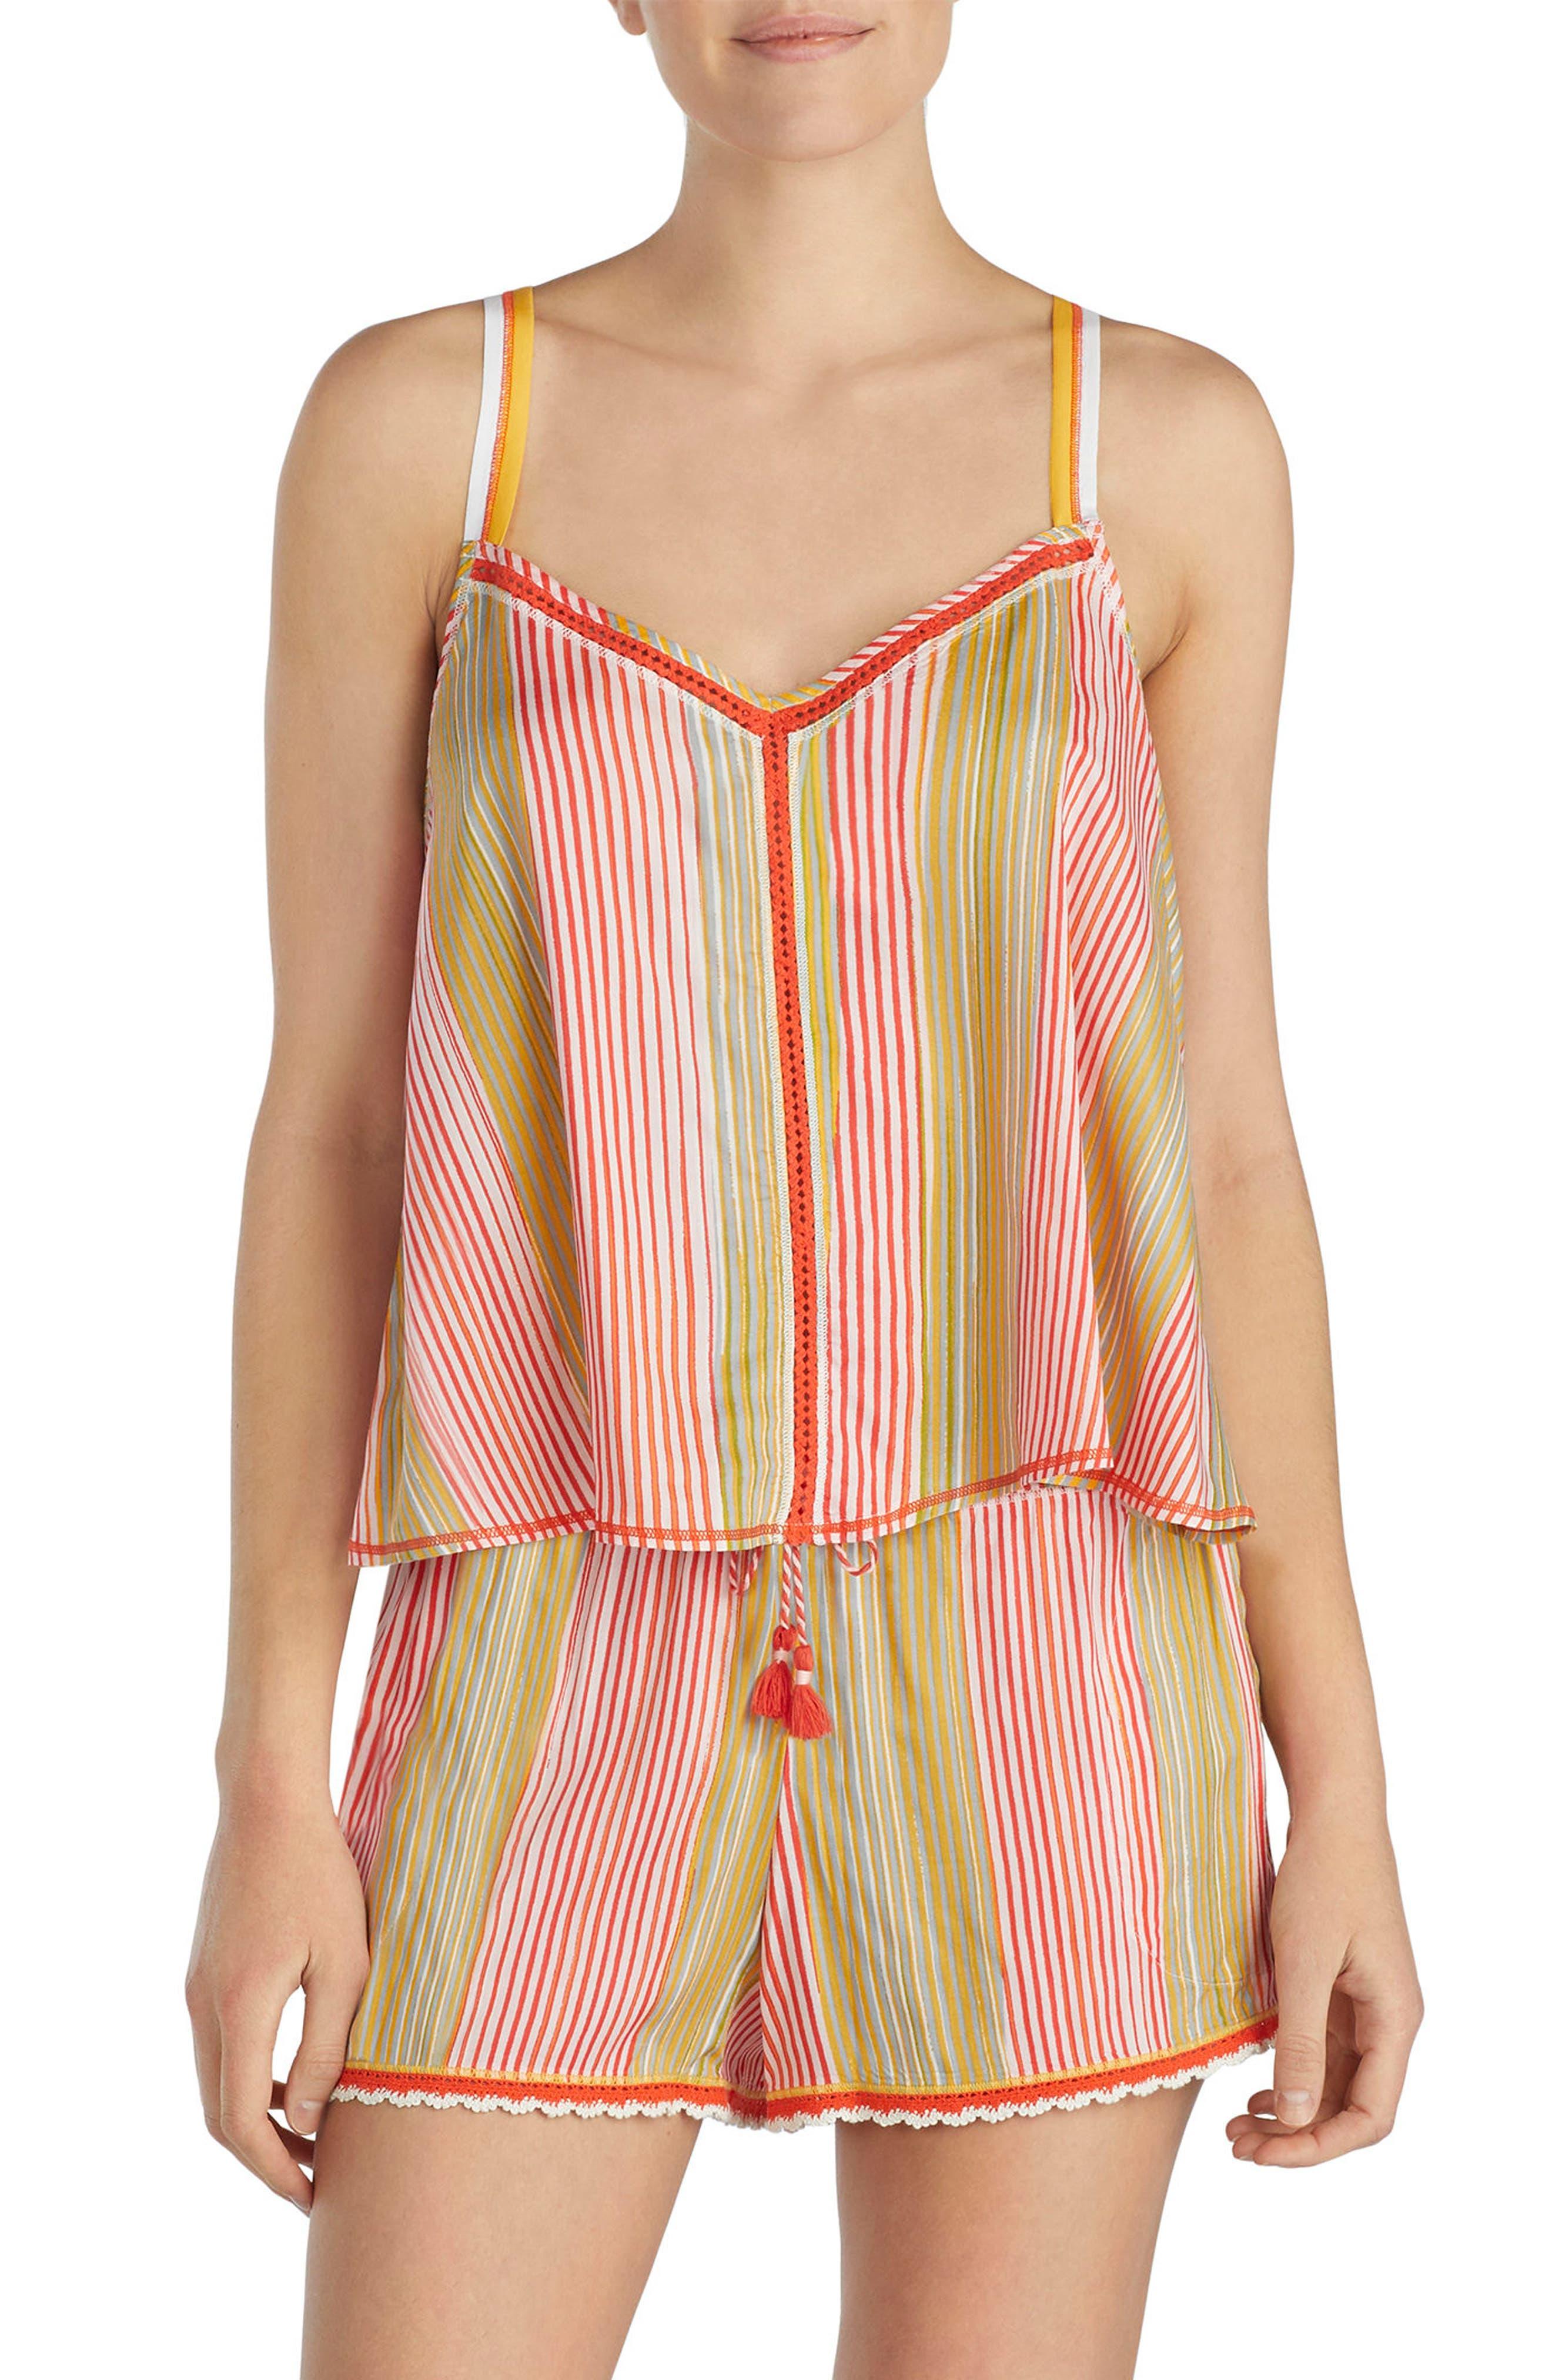 Lace Trim Short Pajamas,                             Main thumbnail 1, color,                             Multi Stripe